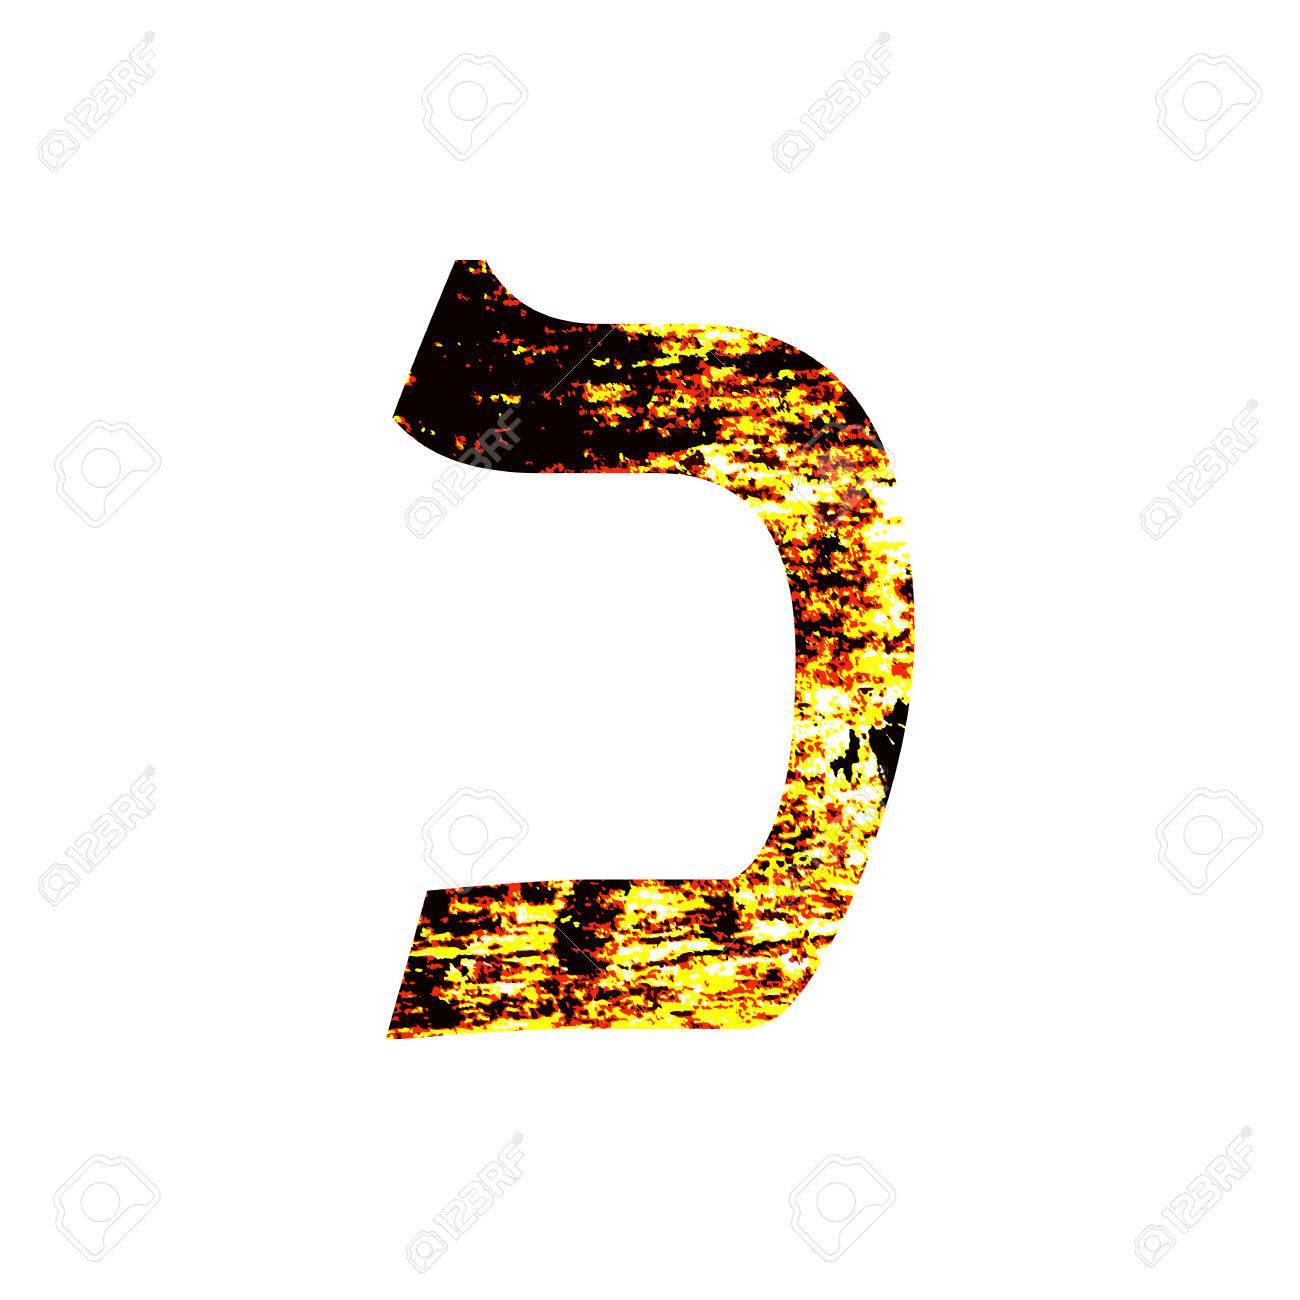 Hebrew Letter Kaf. Shabby Gold Font. The Hebrew Alphabet. Royalty